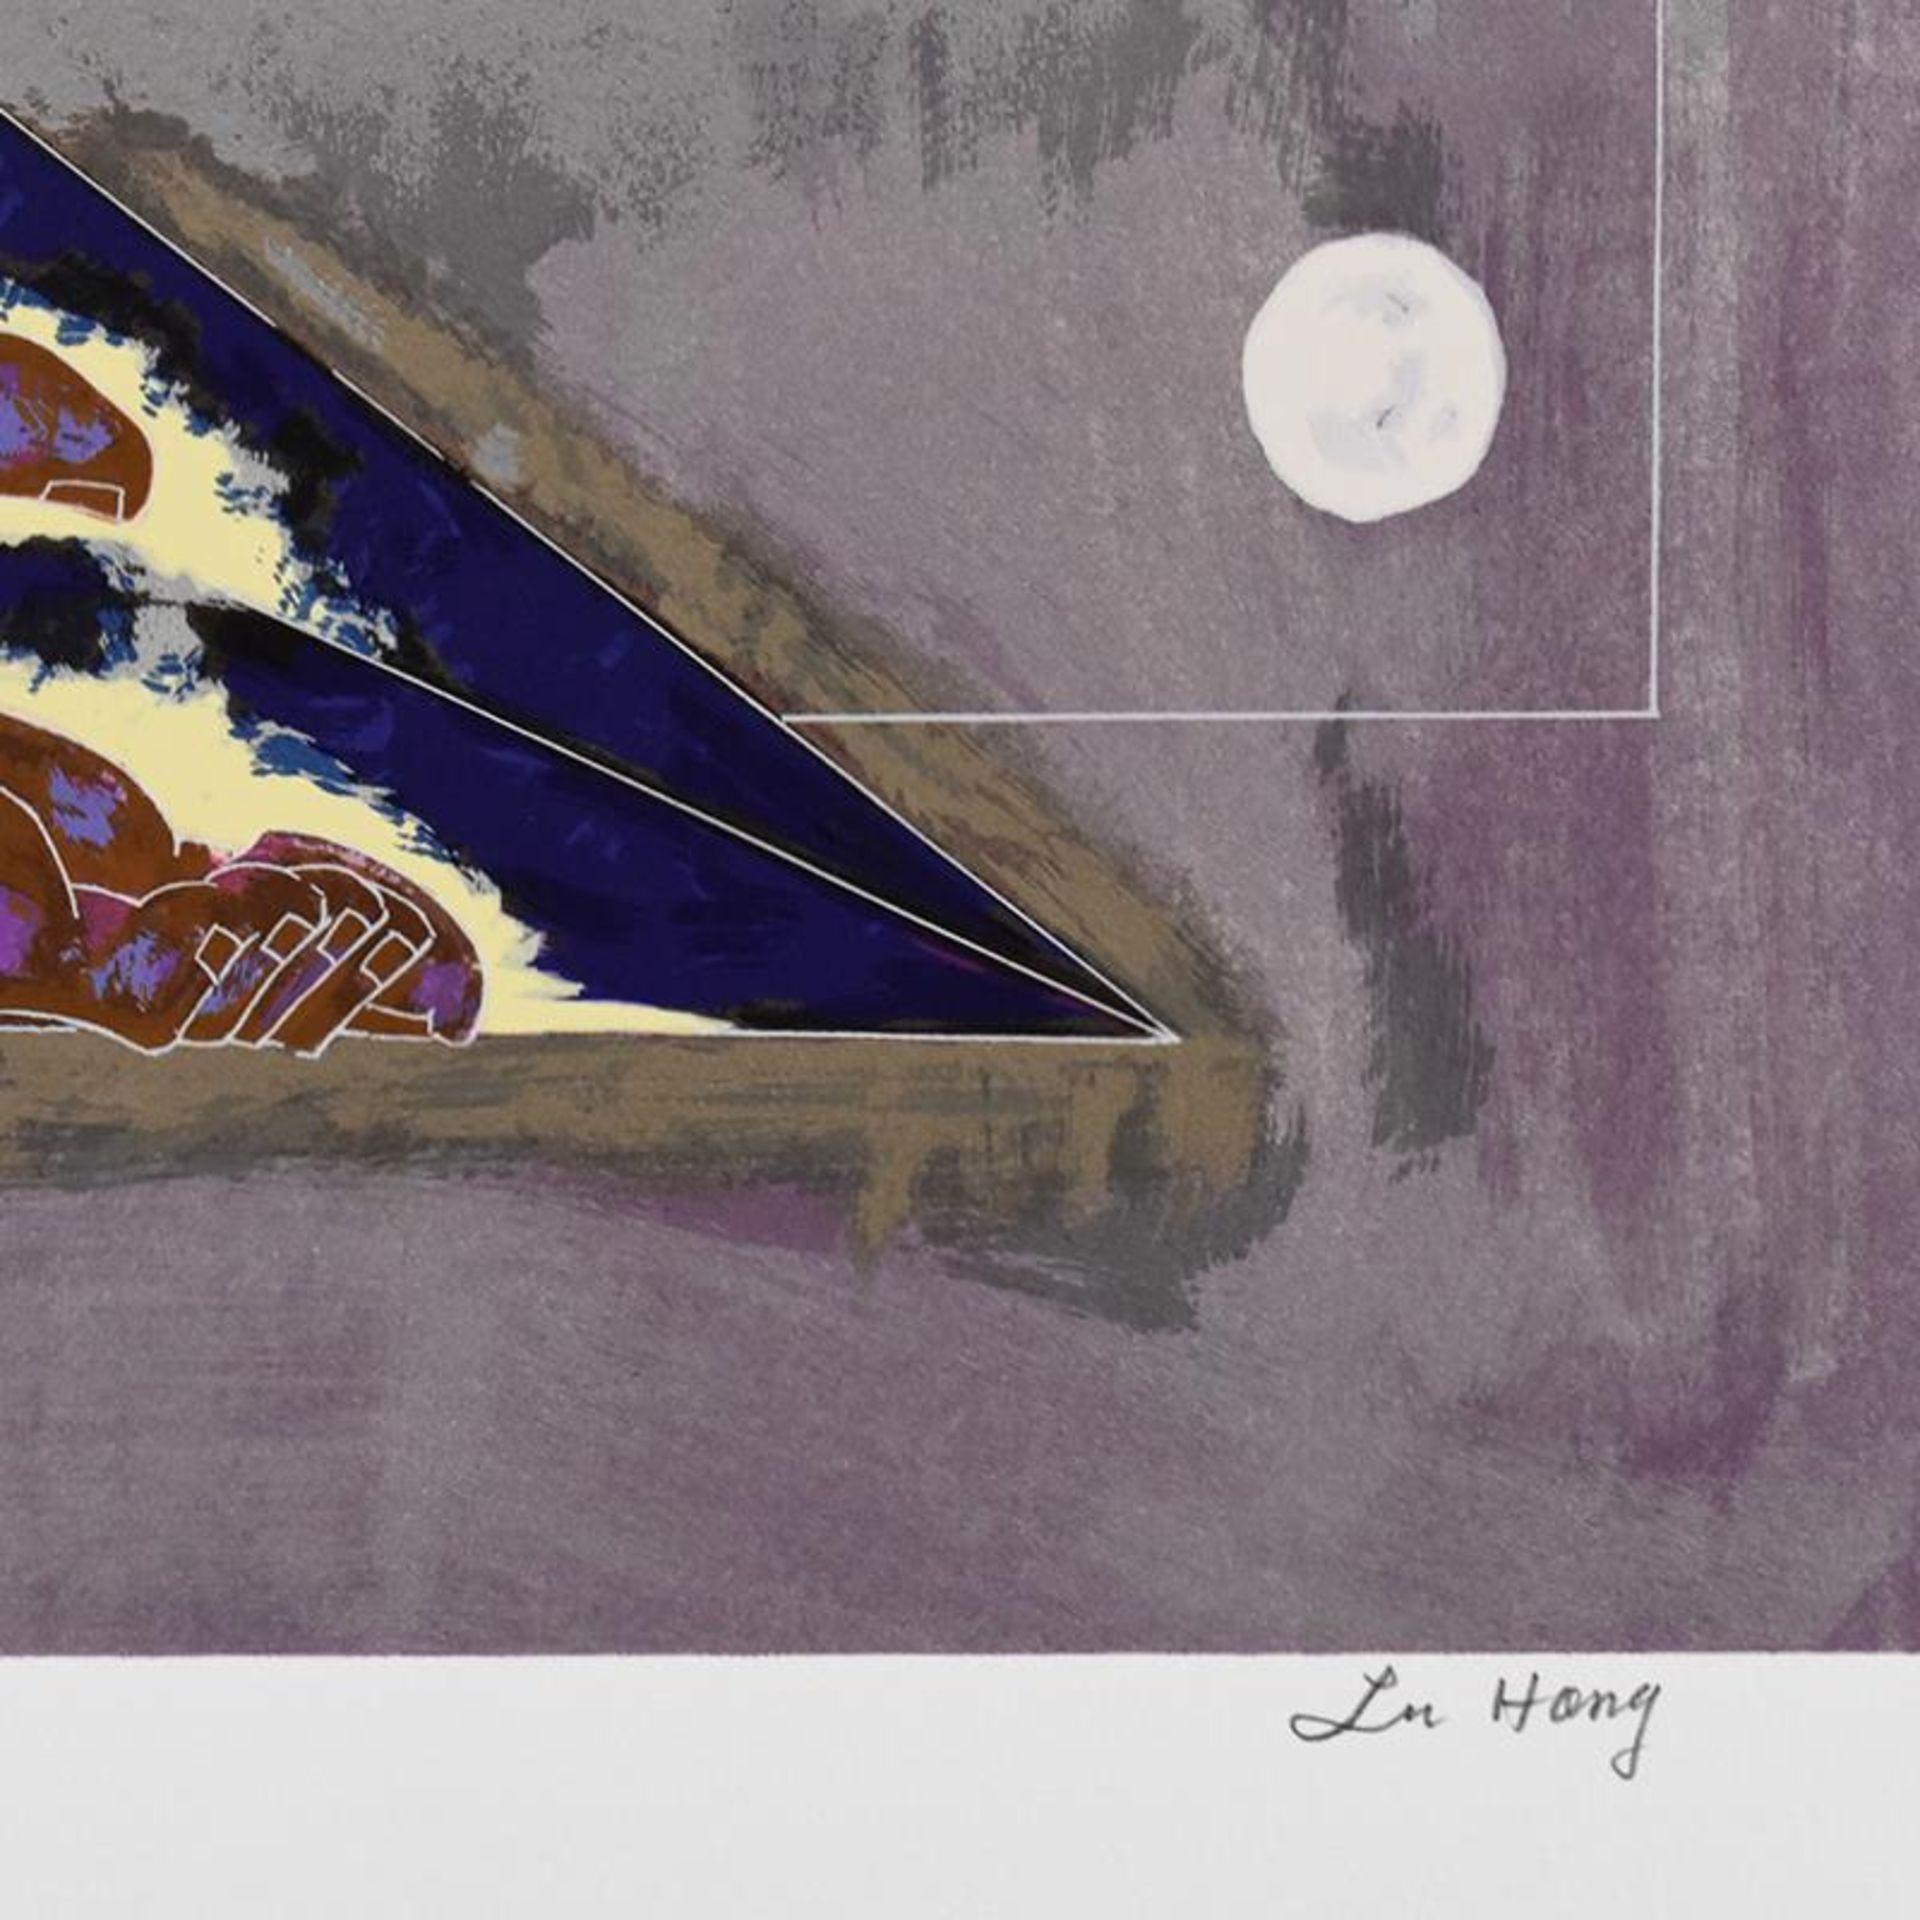 June Bride by Hong, Lu - Image 2 of 2